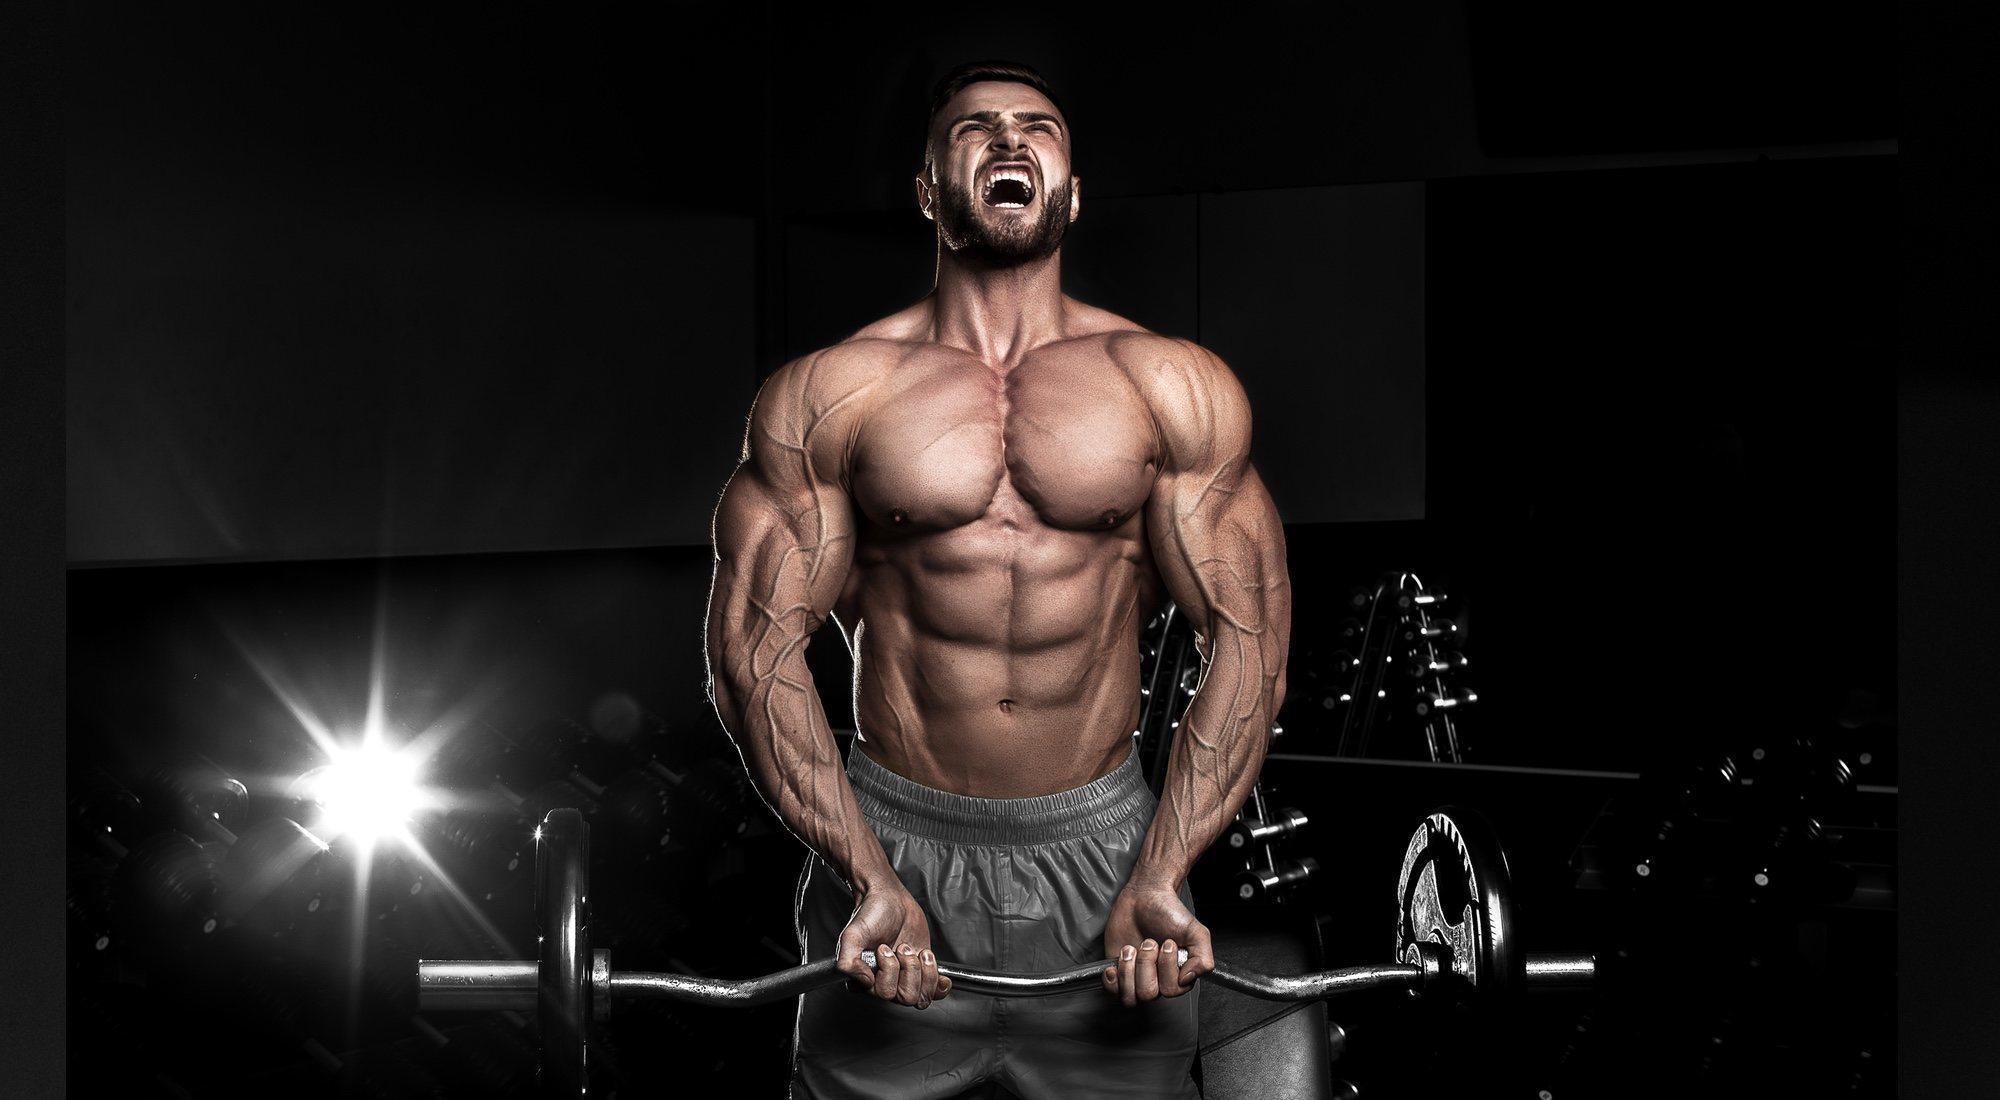 la verdad sobre el fitness naturales vs esteroides